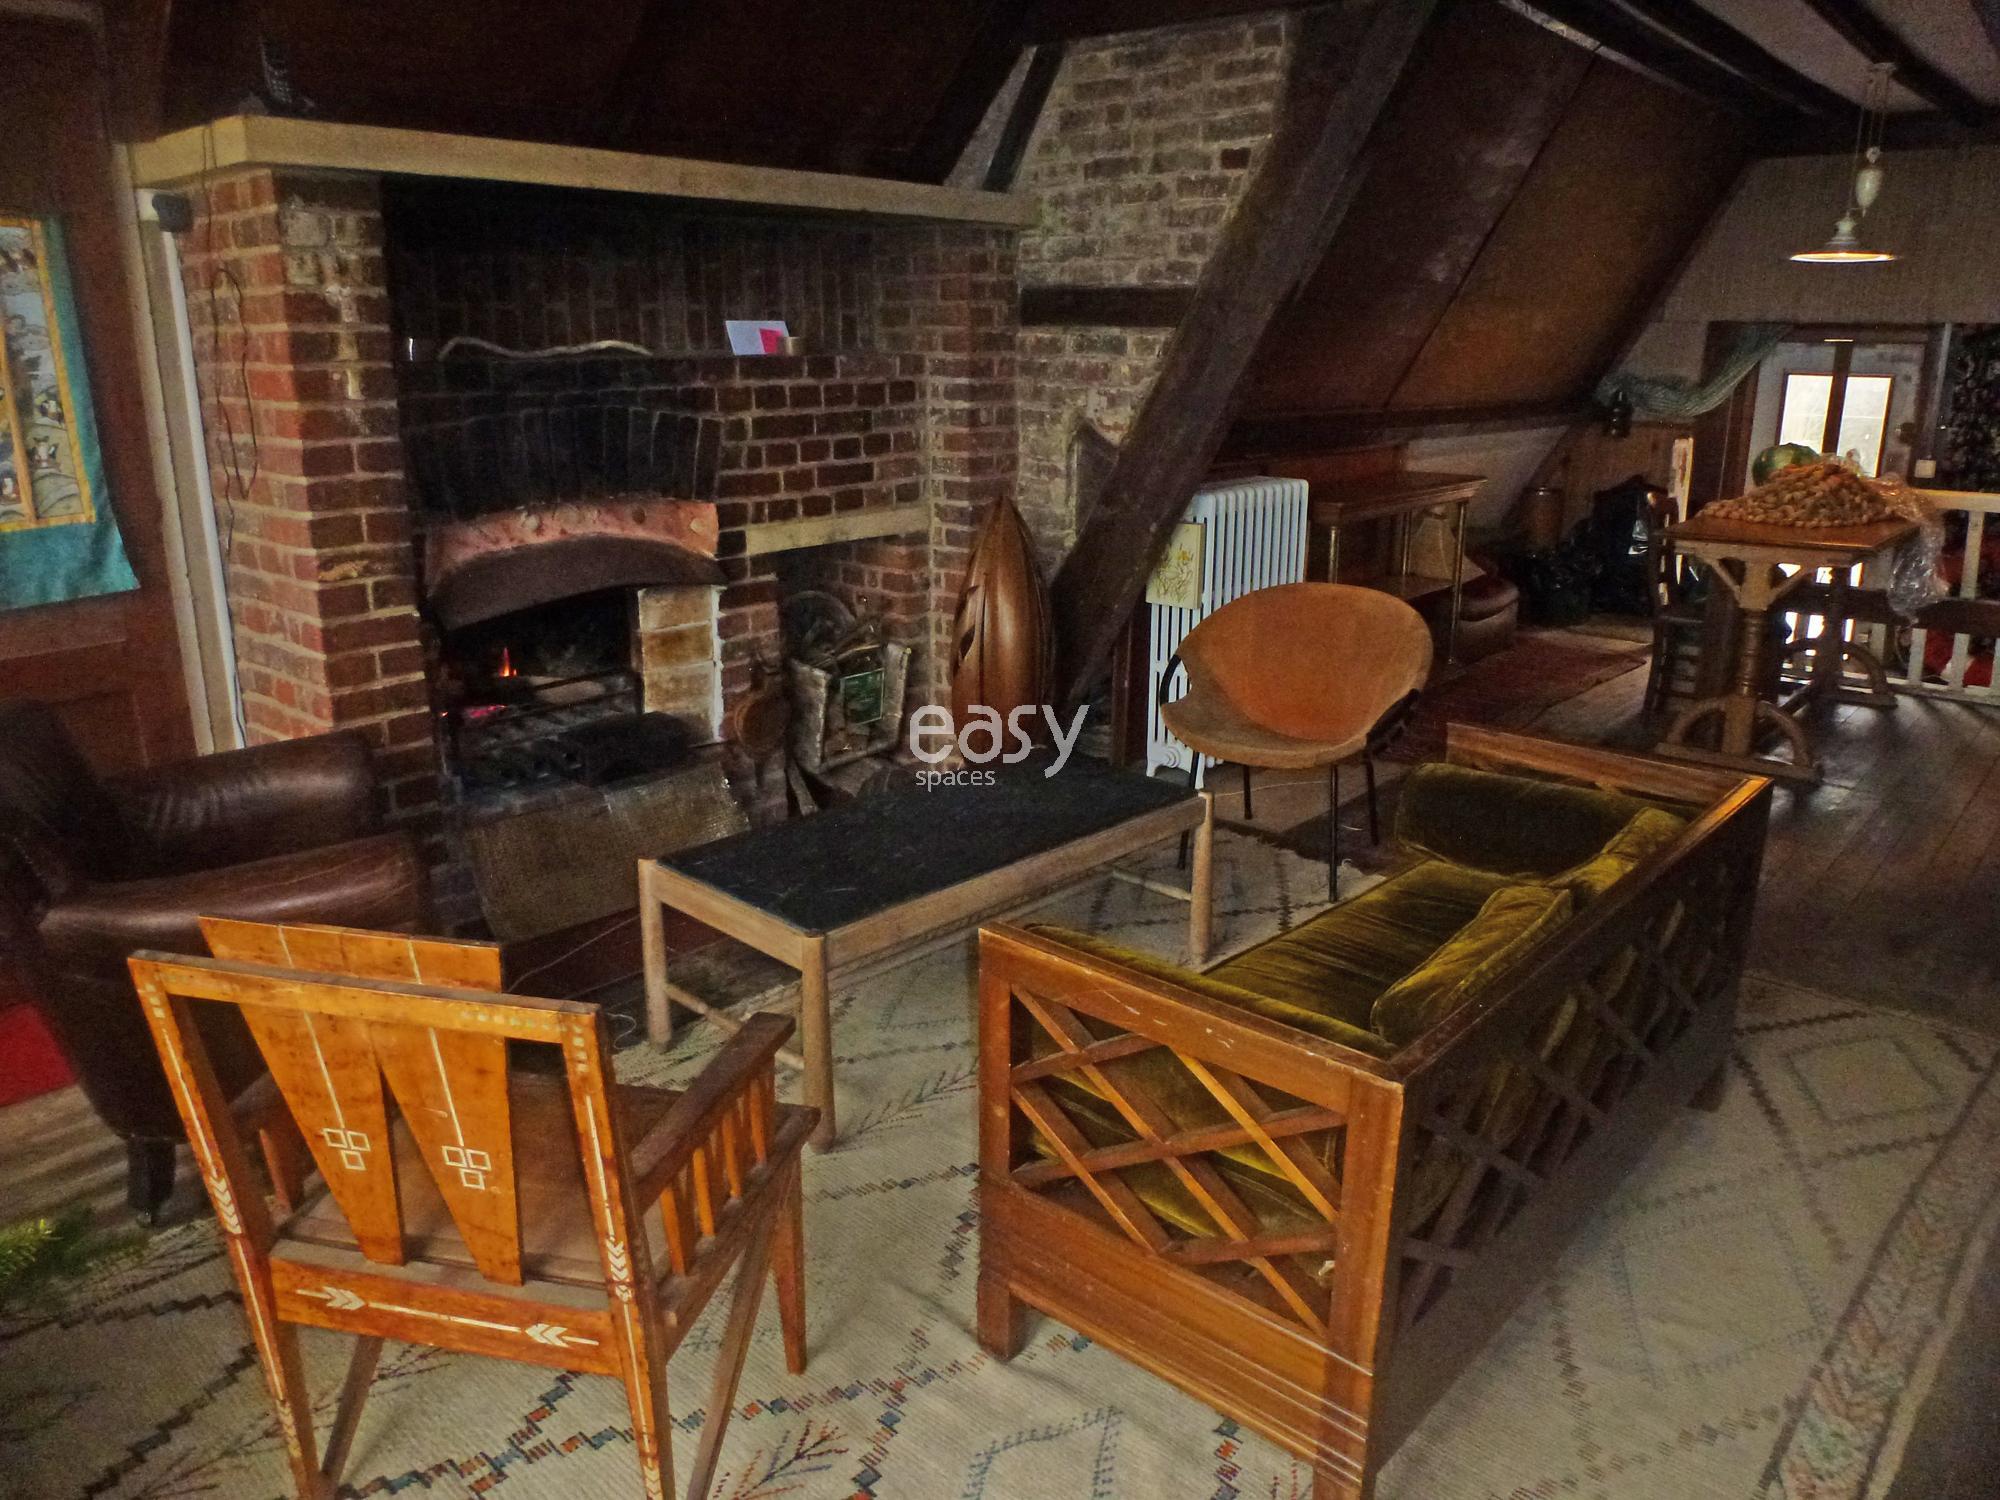 Maison atypique louer pour shooting tournage en normandie lieux lieu loue - Louer sa maison pour un tournage ...